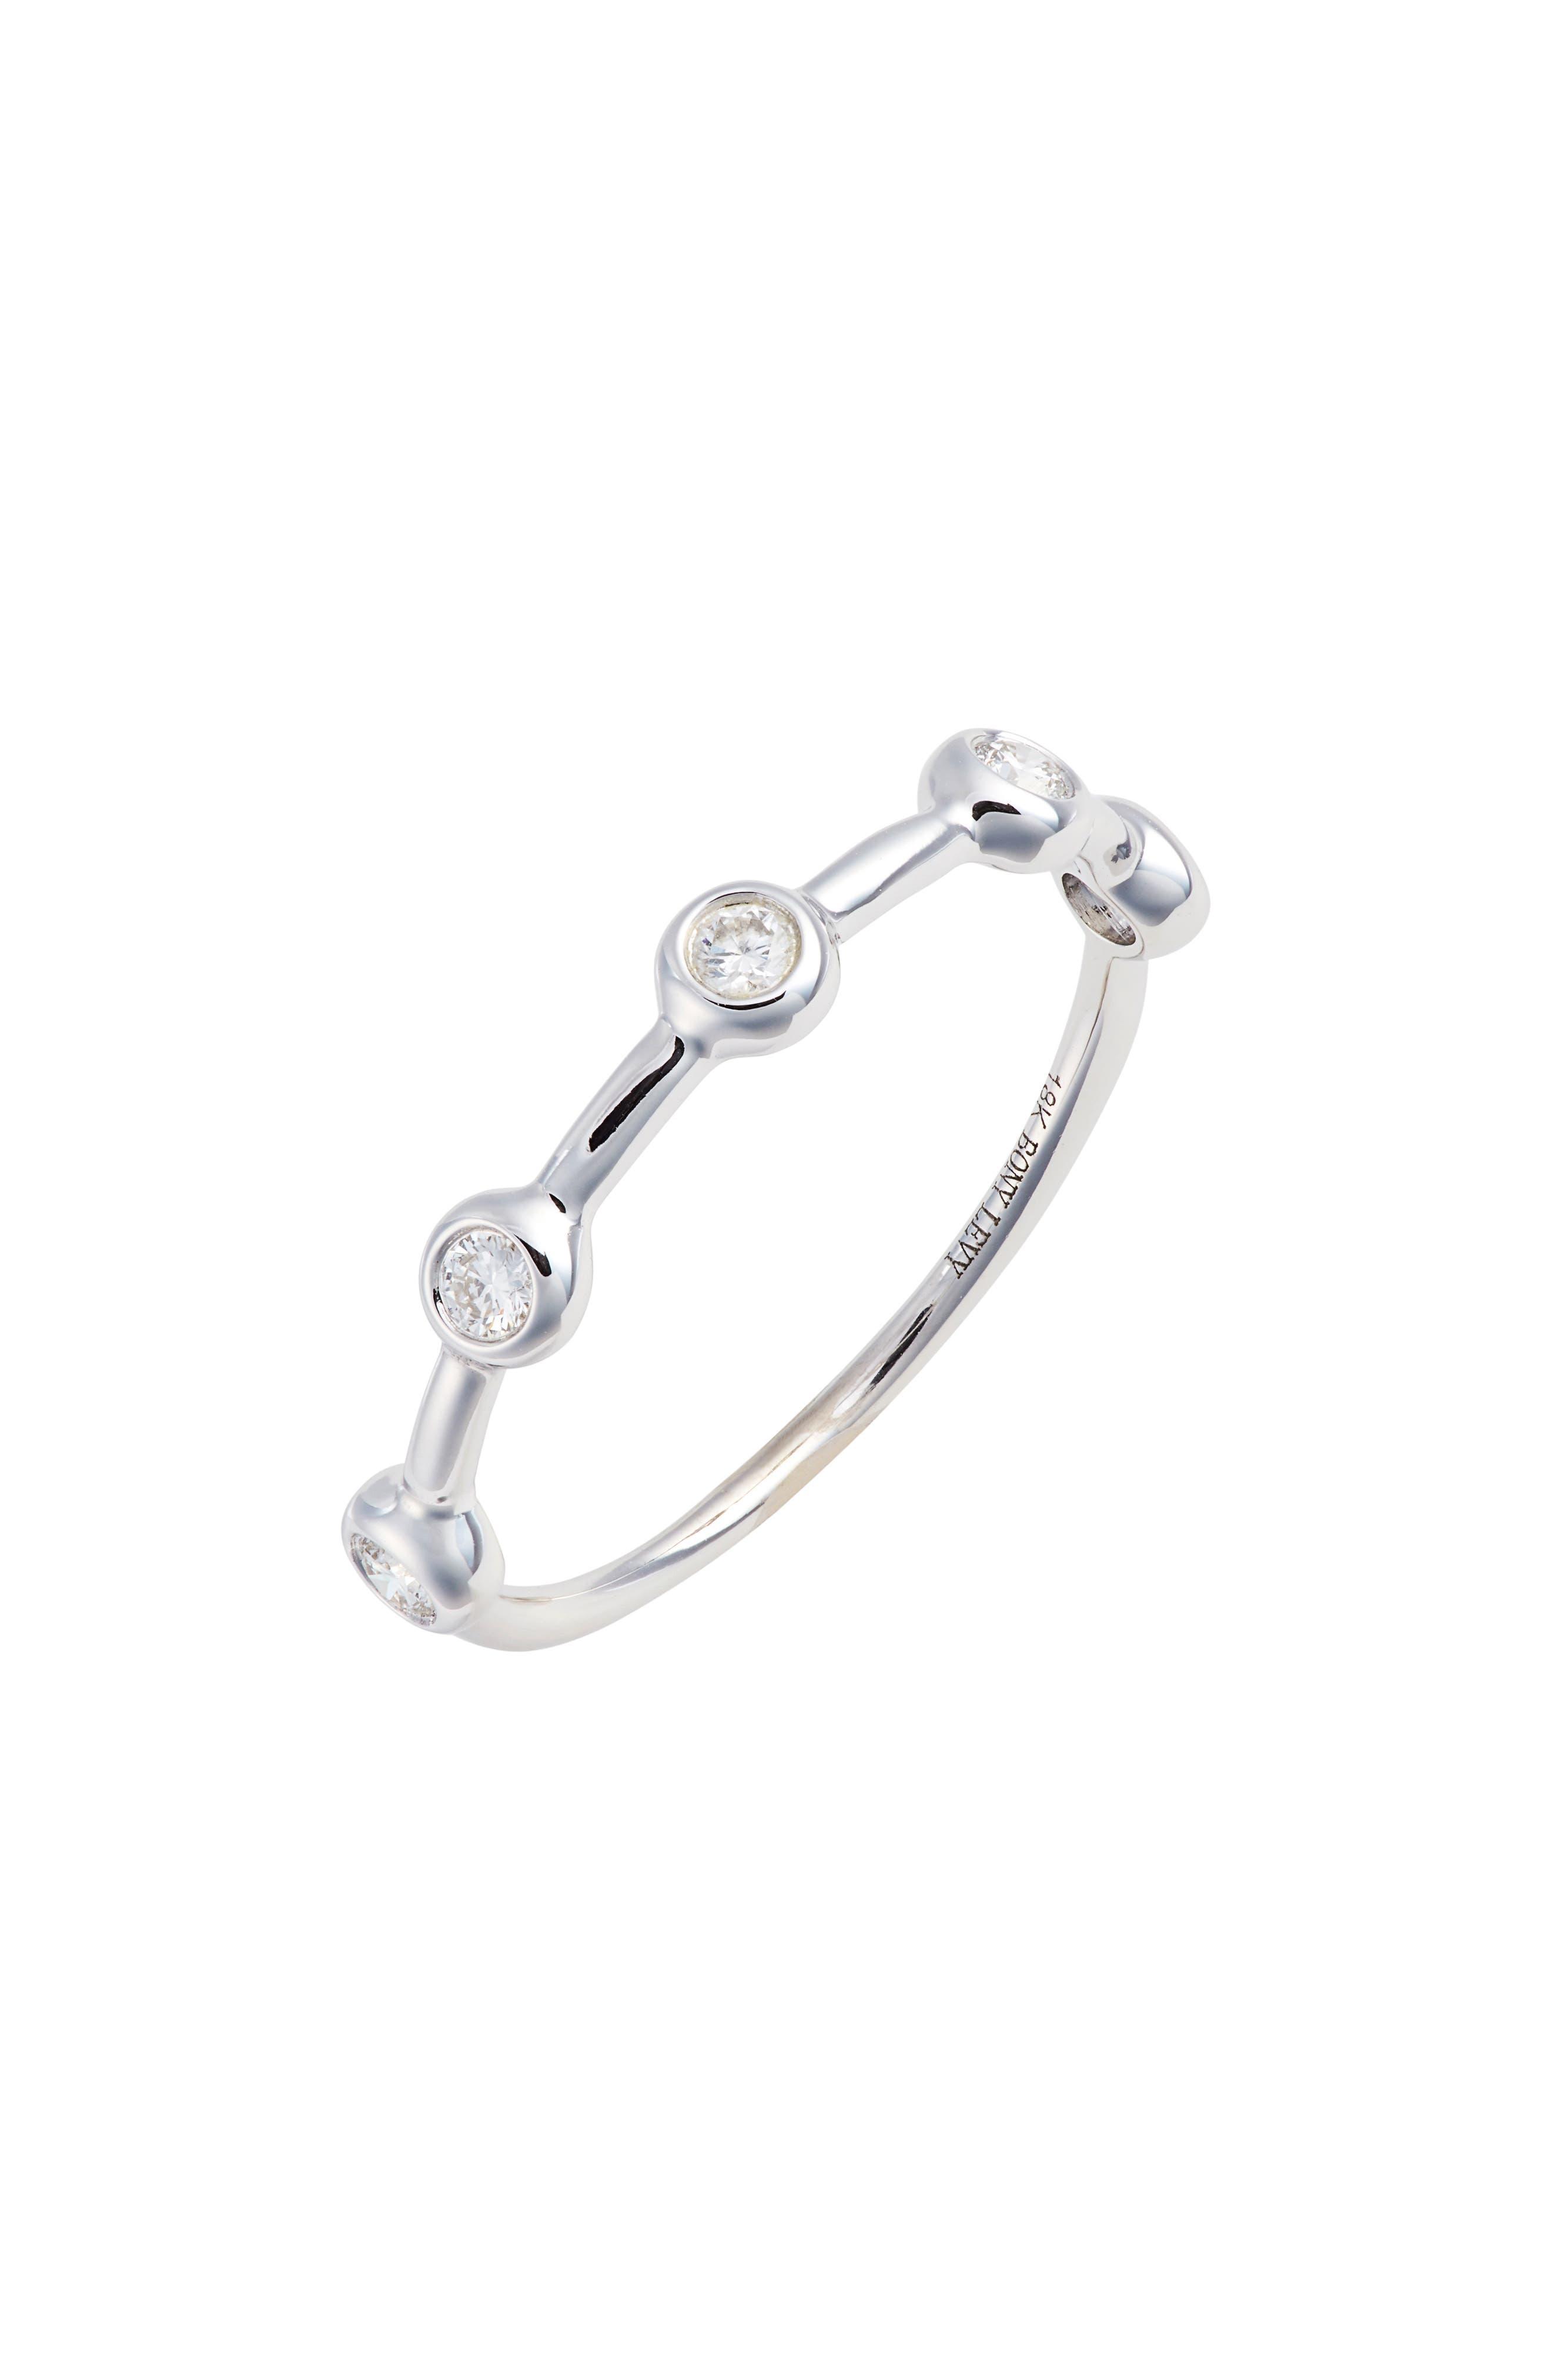 Image of Bony Levy 18K White Gold Moncao Bezel Diamond Ring - 0.15 ctw - Size 6.5